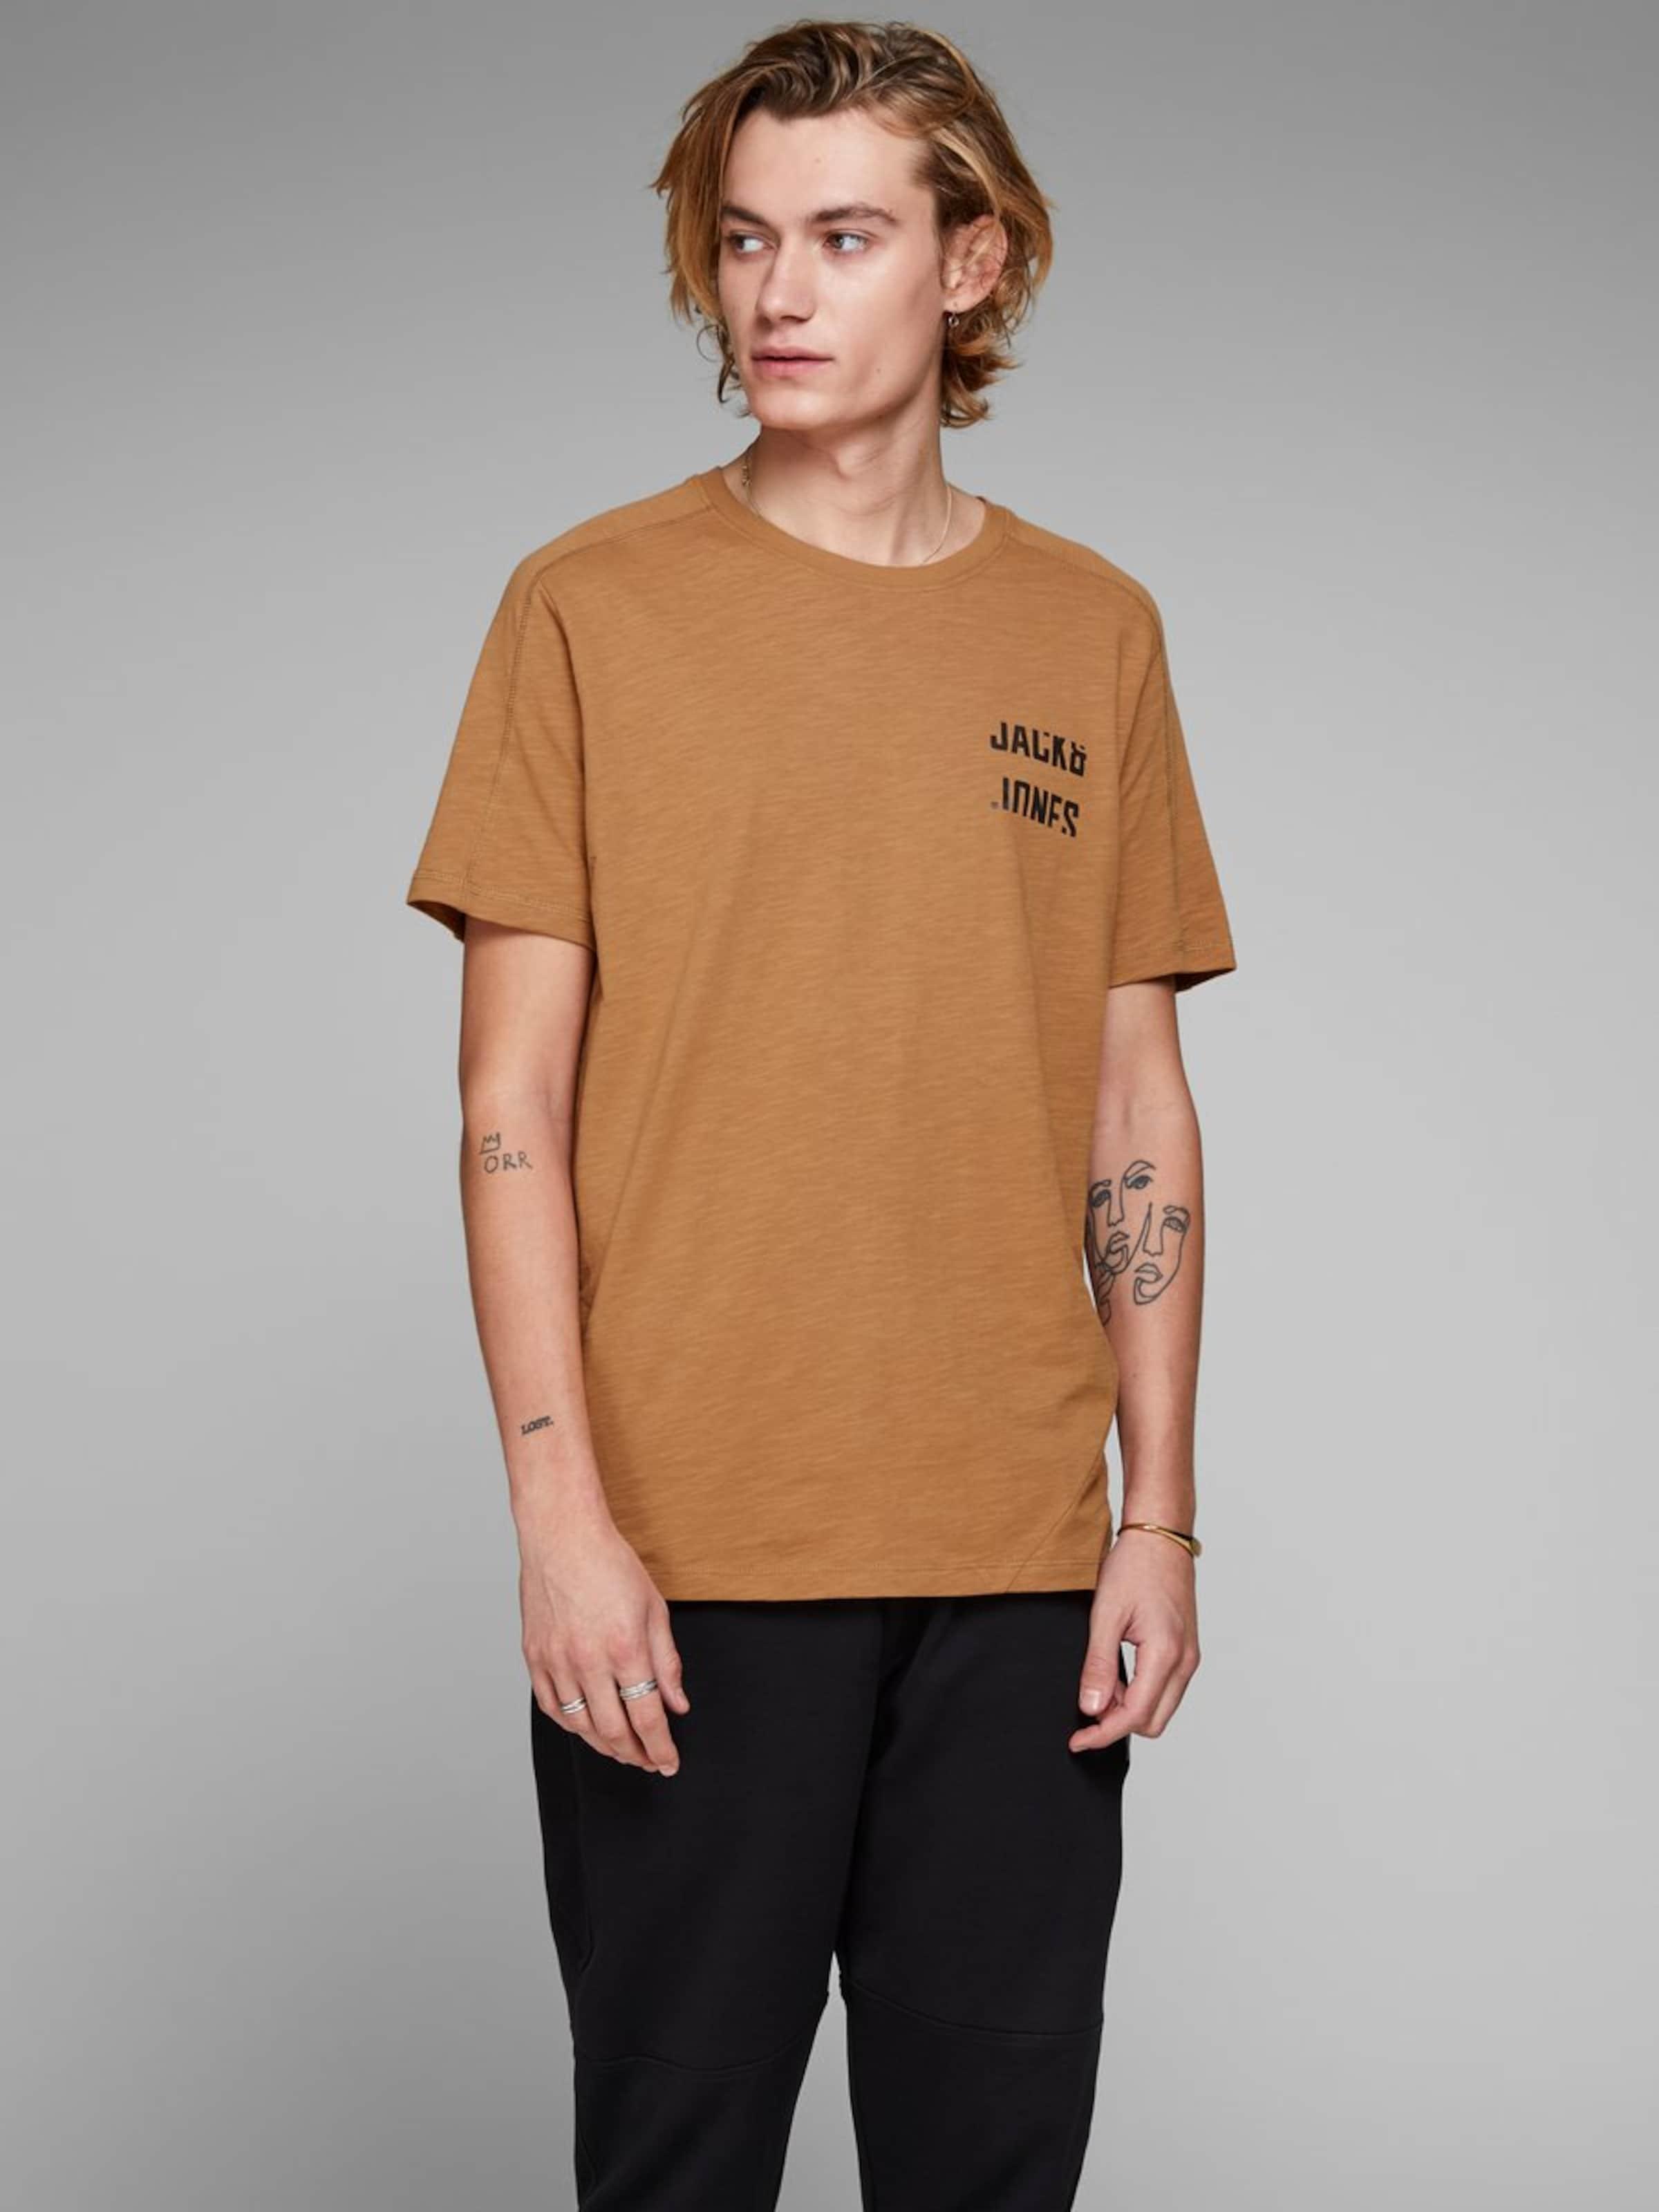 shirt Jackamp; T En Foncé Vert Jones TPZkXiOwu